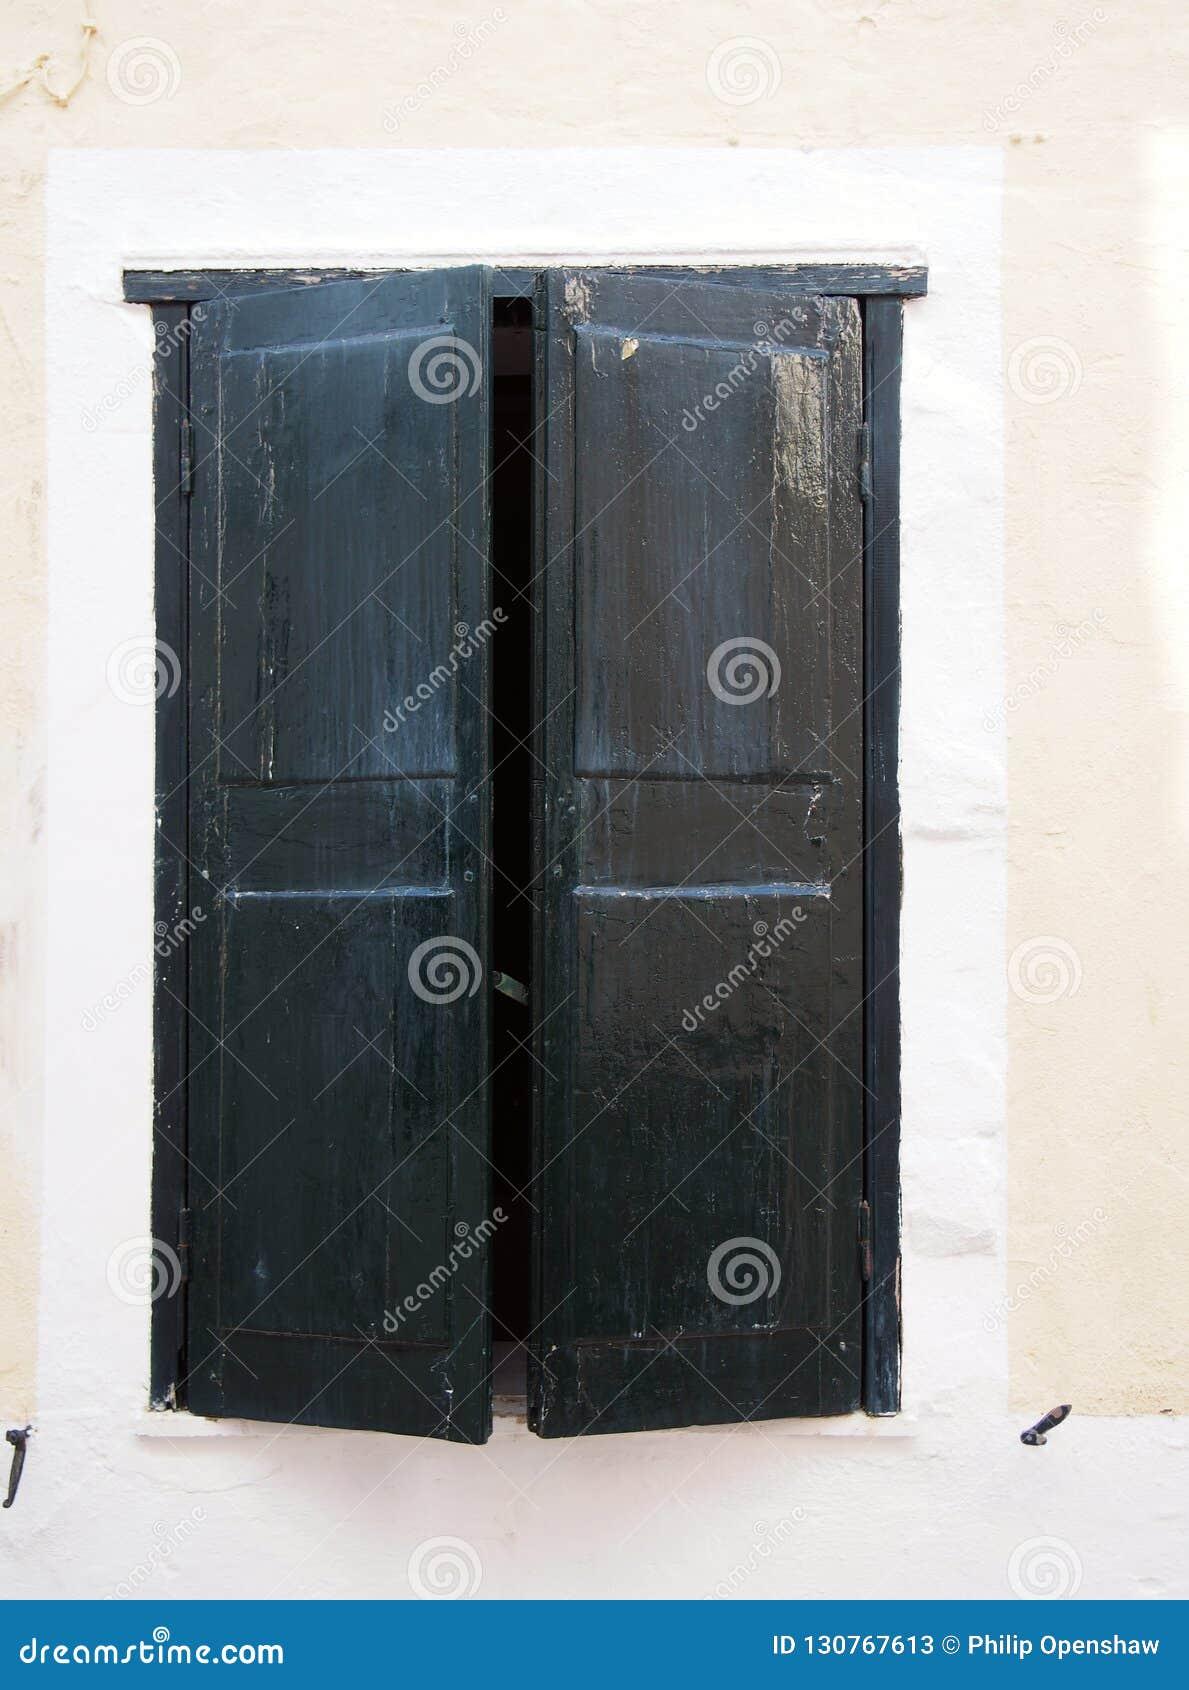 Oude gedeeltelijk open zwarte geschilderde houten vensterblinden in een wit kader op de muur van een oud Spaans huis